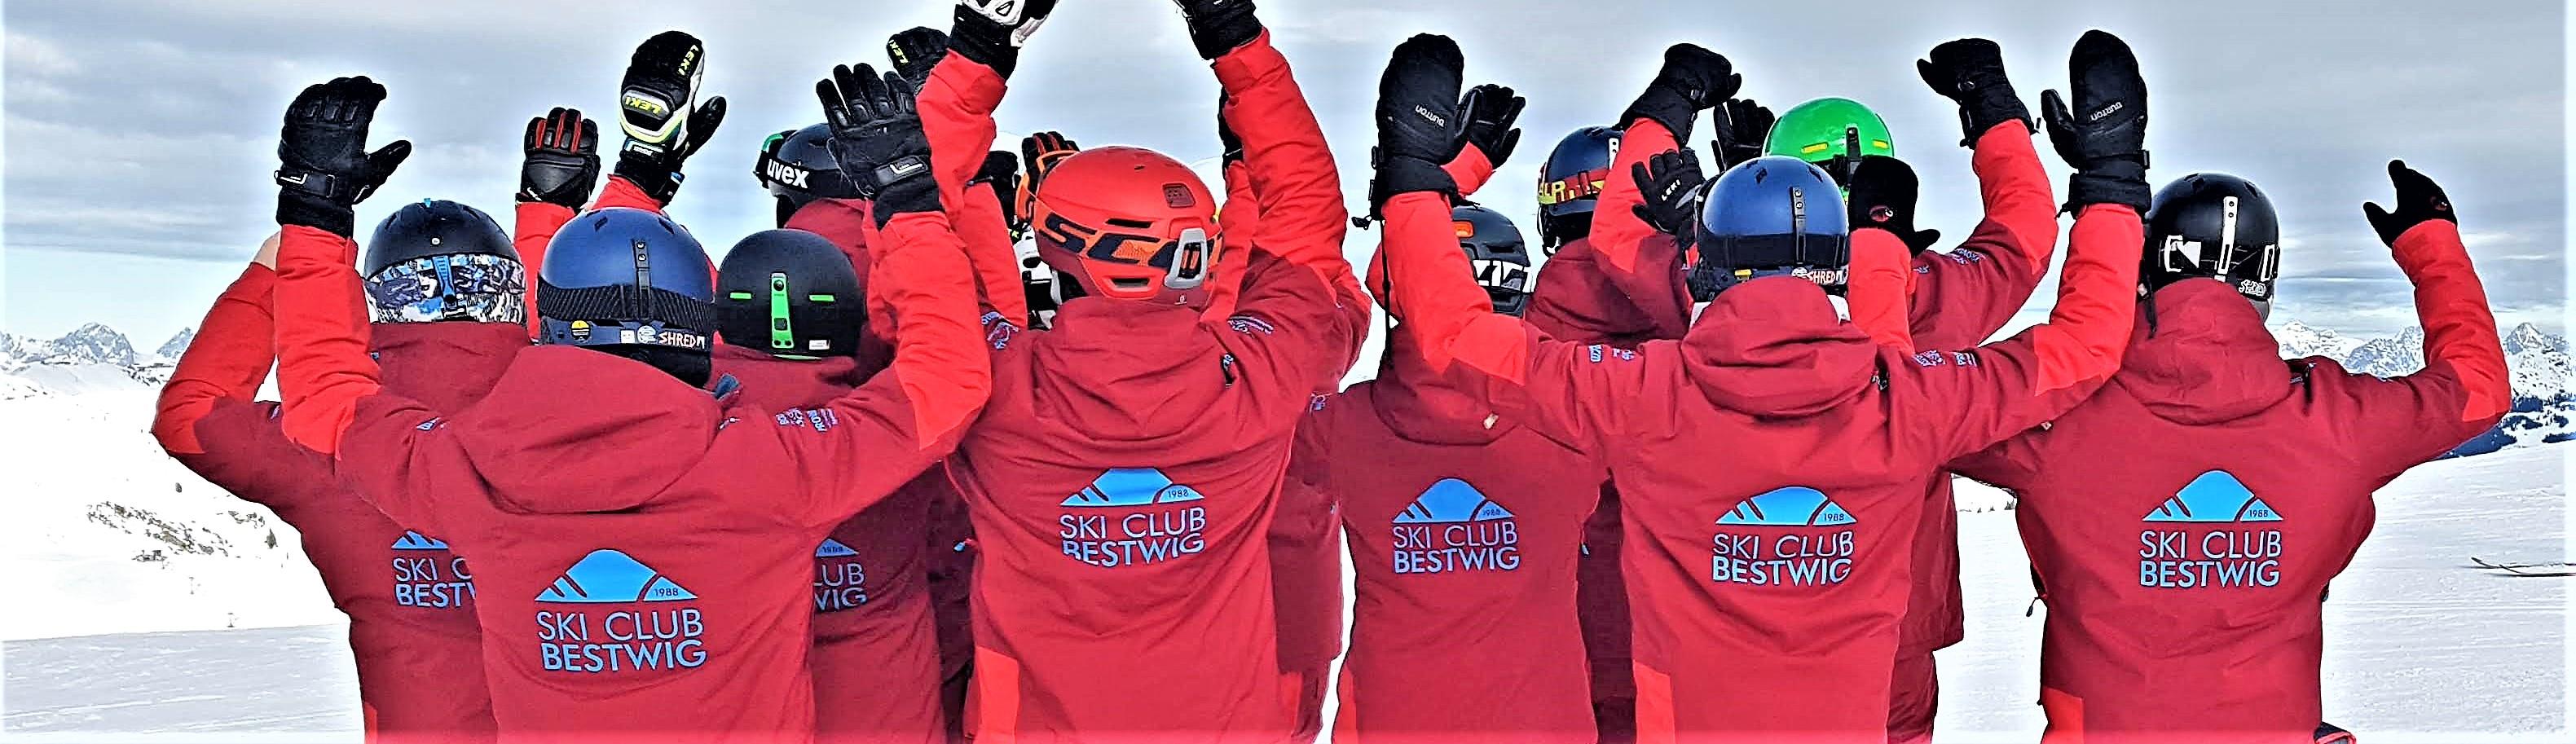 Ski-Club Bestwig